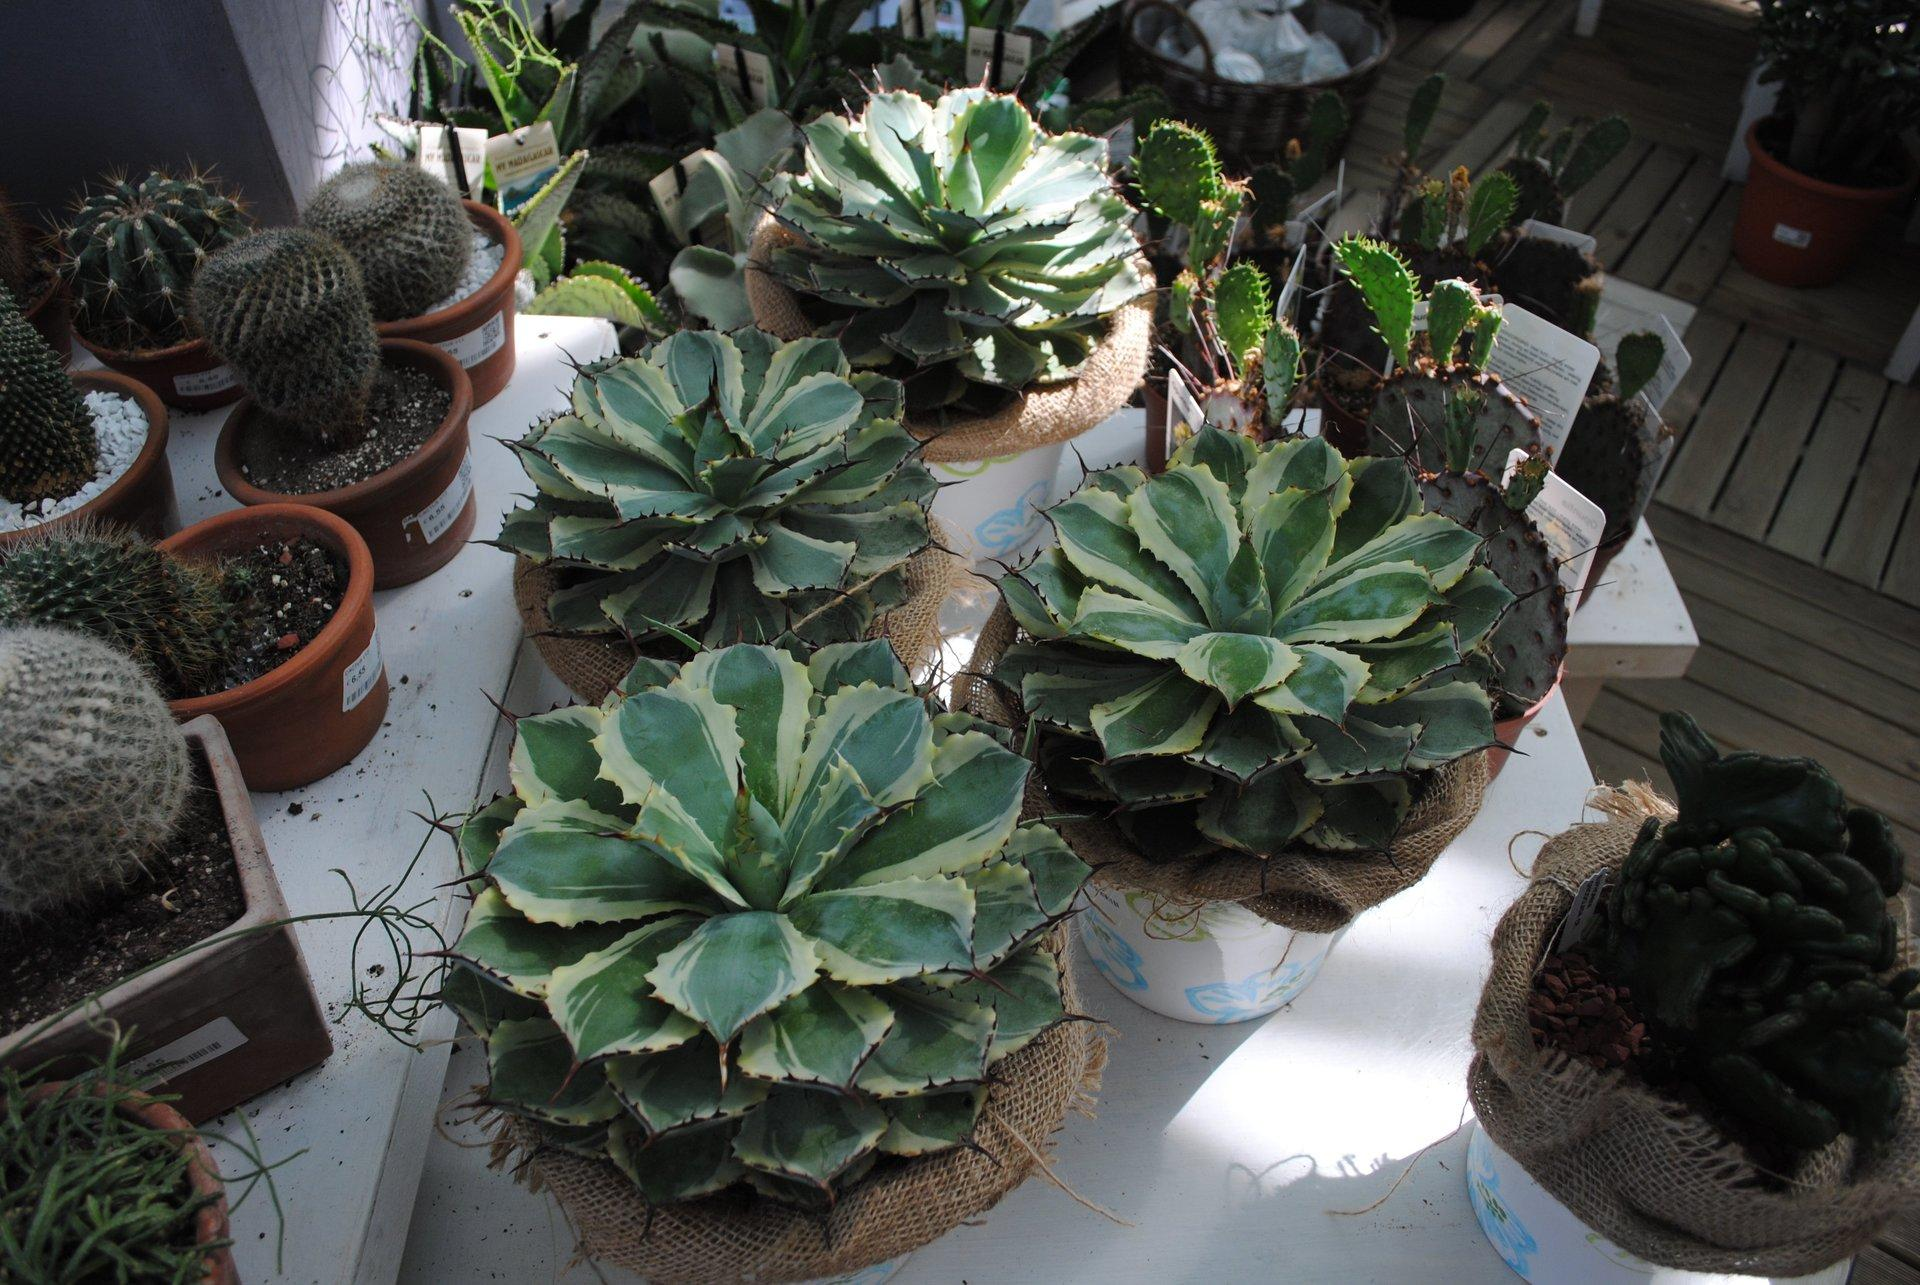 Piante da interno garden center quadrifoglio vivaio torino for Piante acquisto